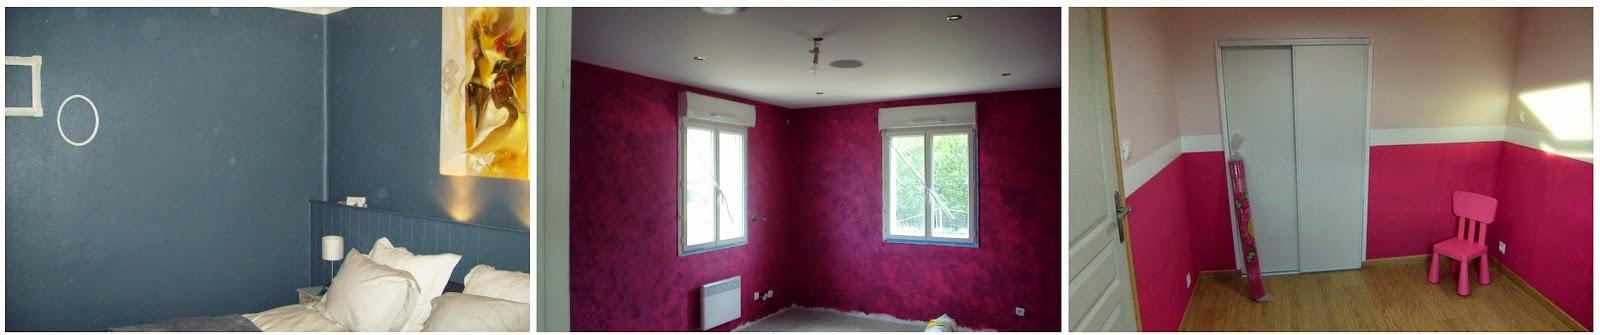 tarif peintre chambre paris peintre professionnel cesu. Black Bedroom Furniture Sets. Home Design Ideas